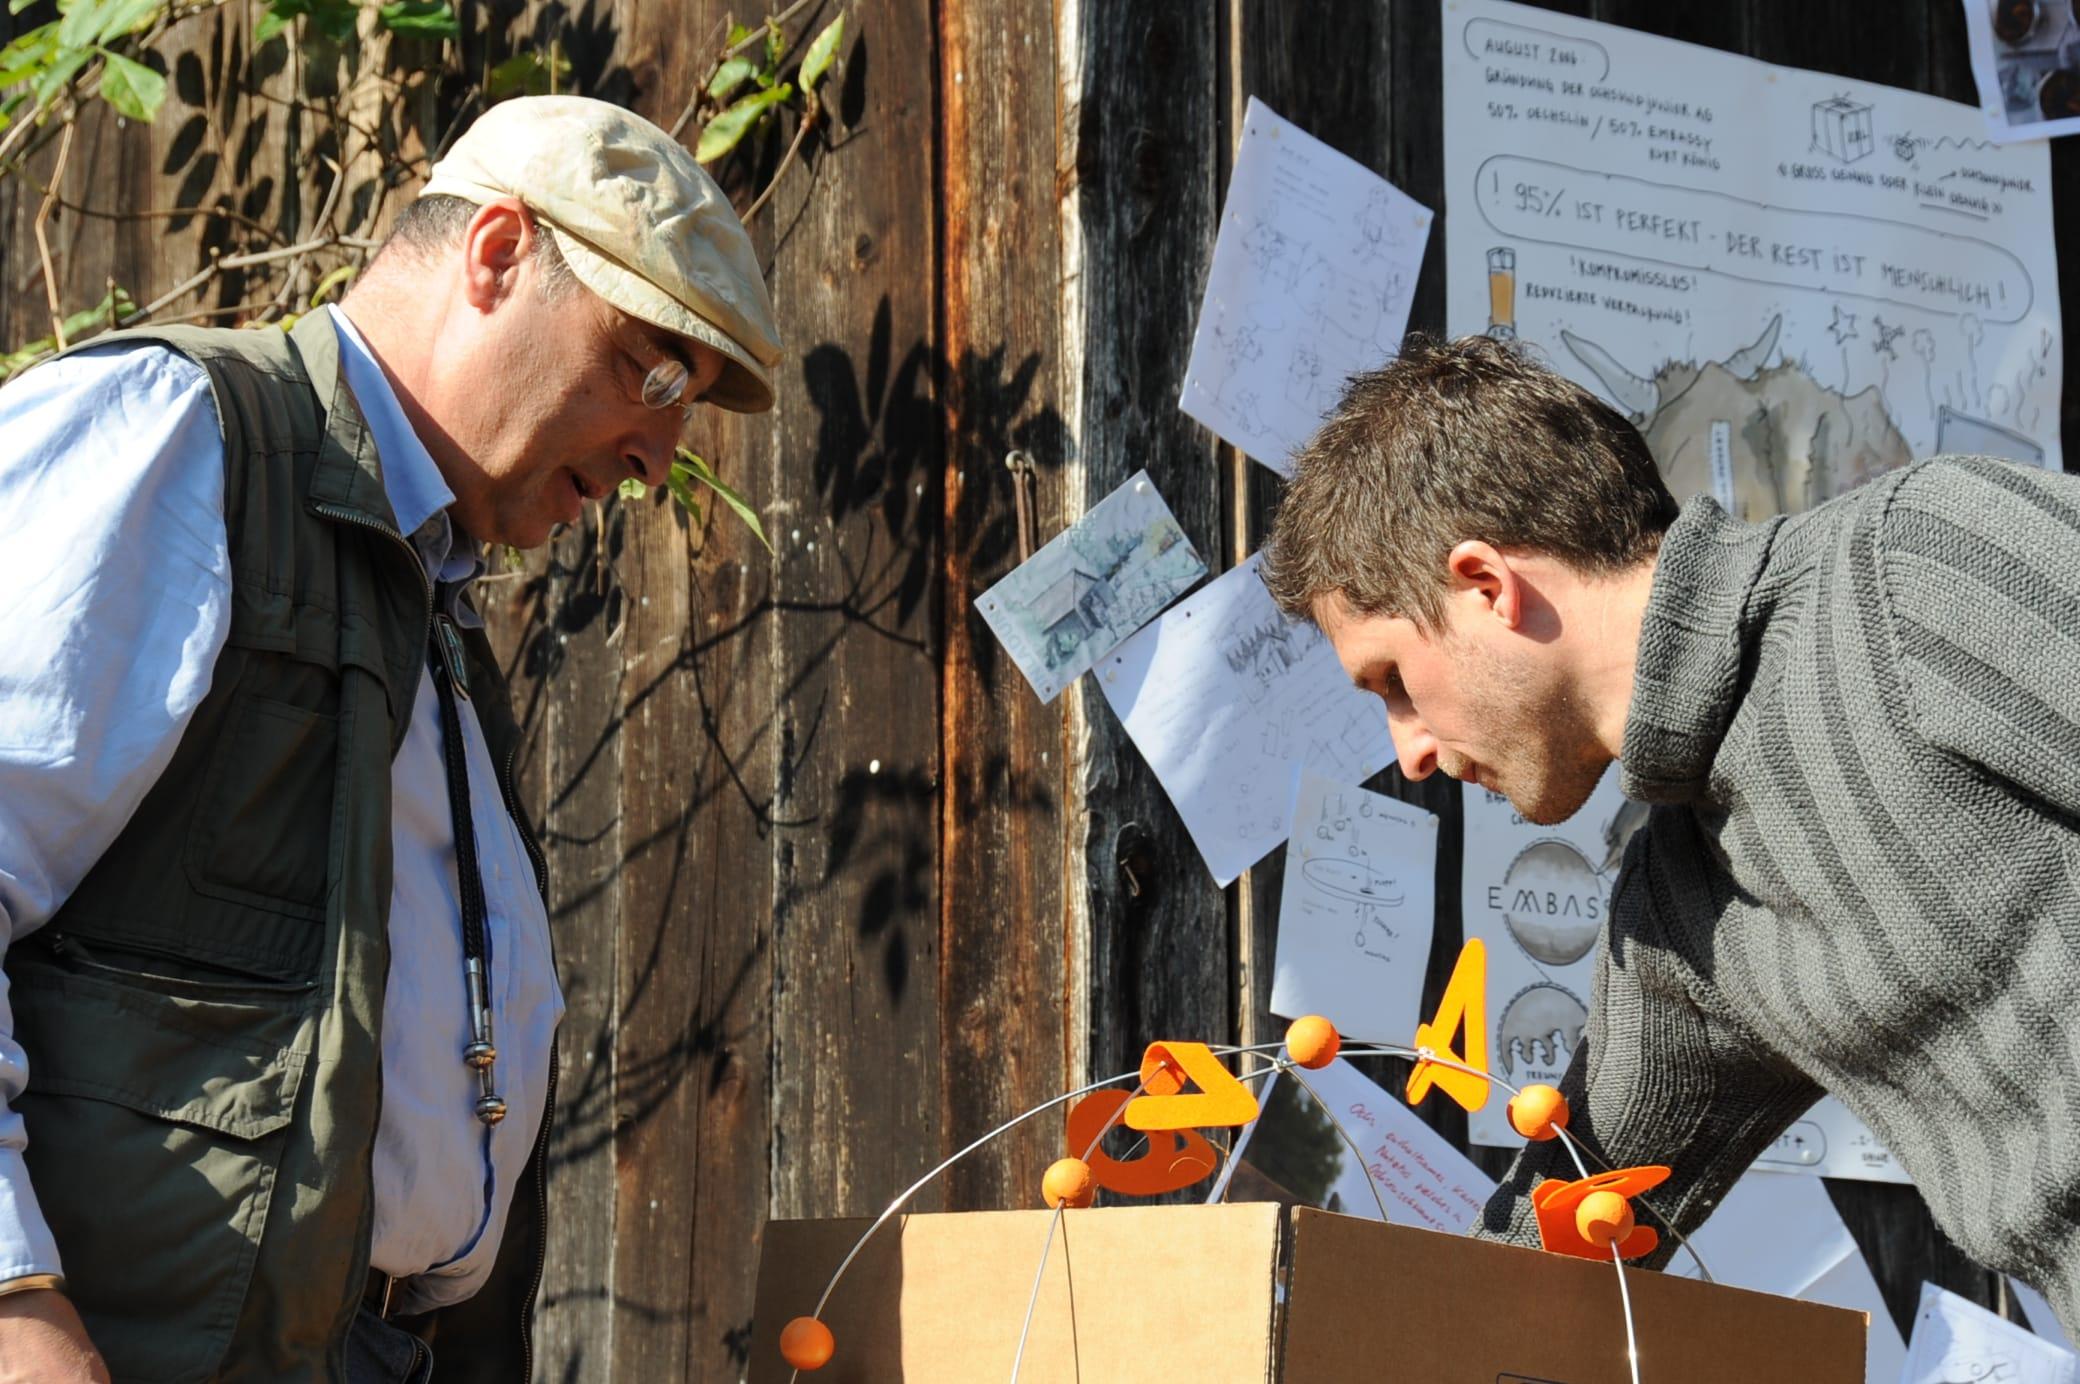 Eine Kiste wie aus einem Comic…Paul Gerbers und Peter Cantienis Umsetzung von Ludwigs Ideen… Spannung beim ersten Blick darauf… Riesenfreude…